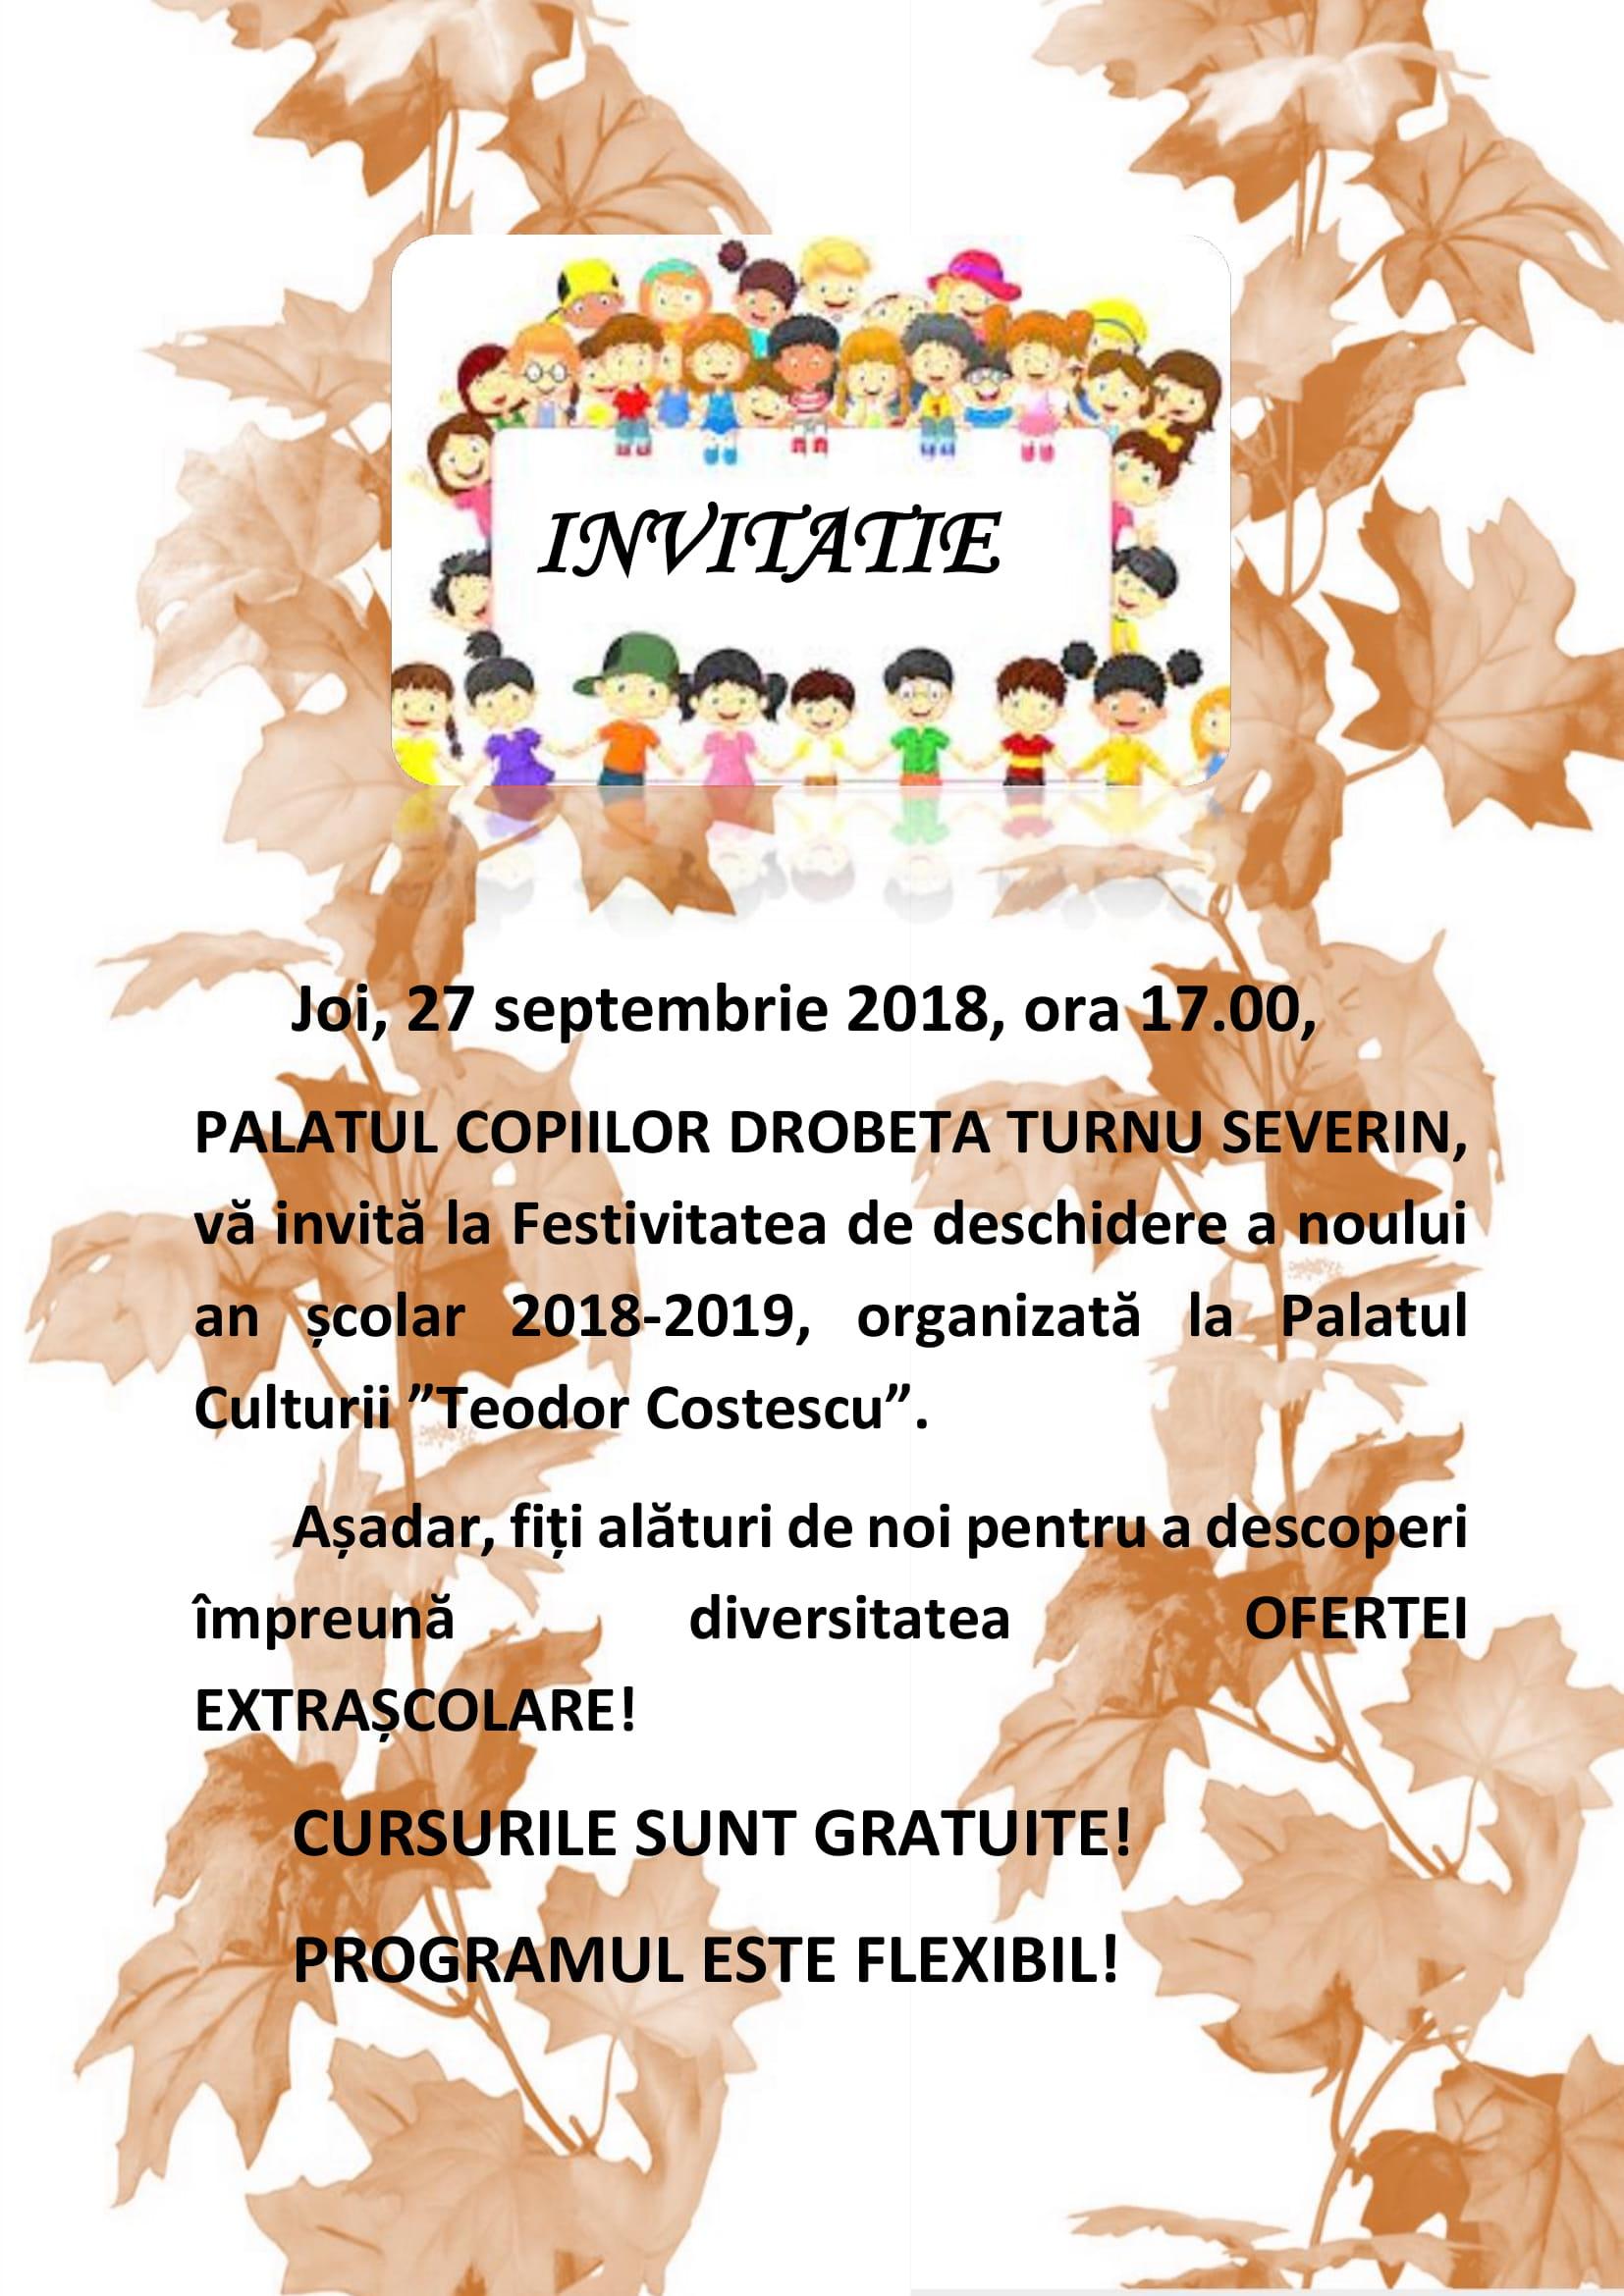 Festivitatea de deschidere a noului an școlar de la Palatul Copiilor